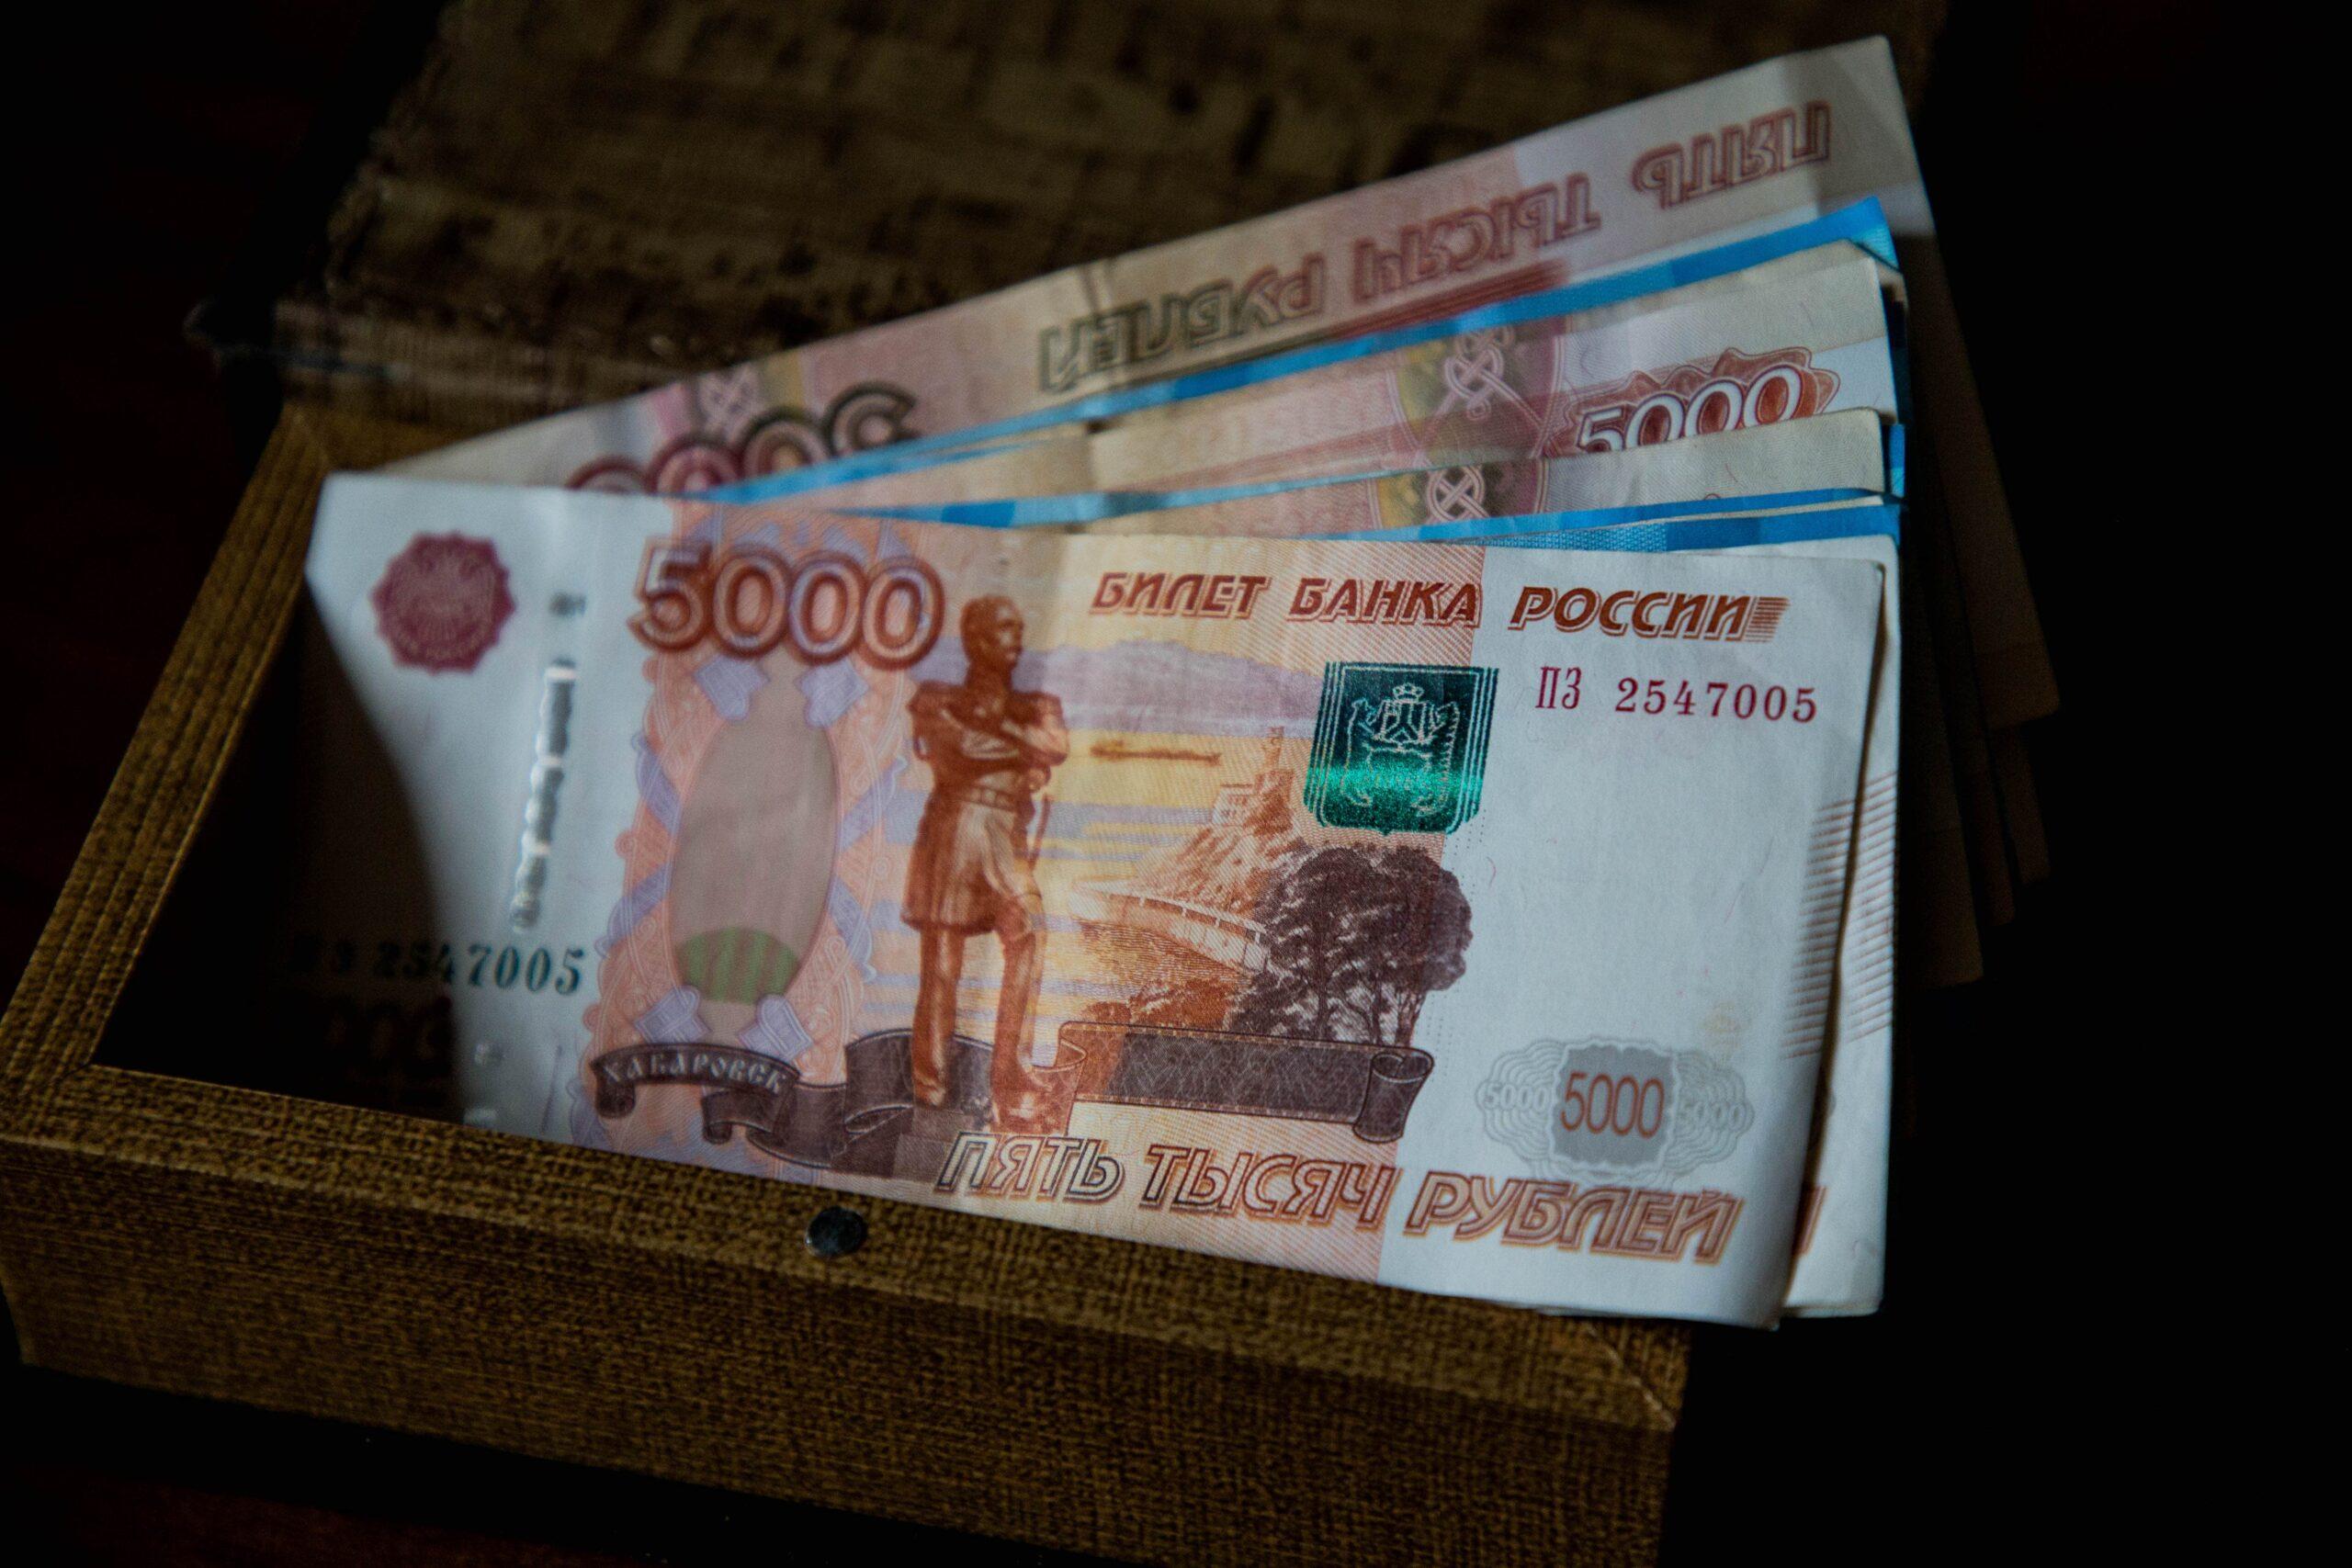 Бывший директор МУПа в Тверской области попался на присвоении бюджетных денег